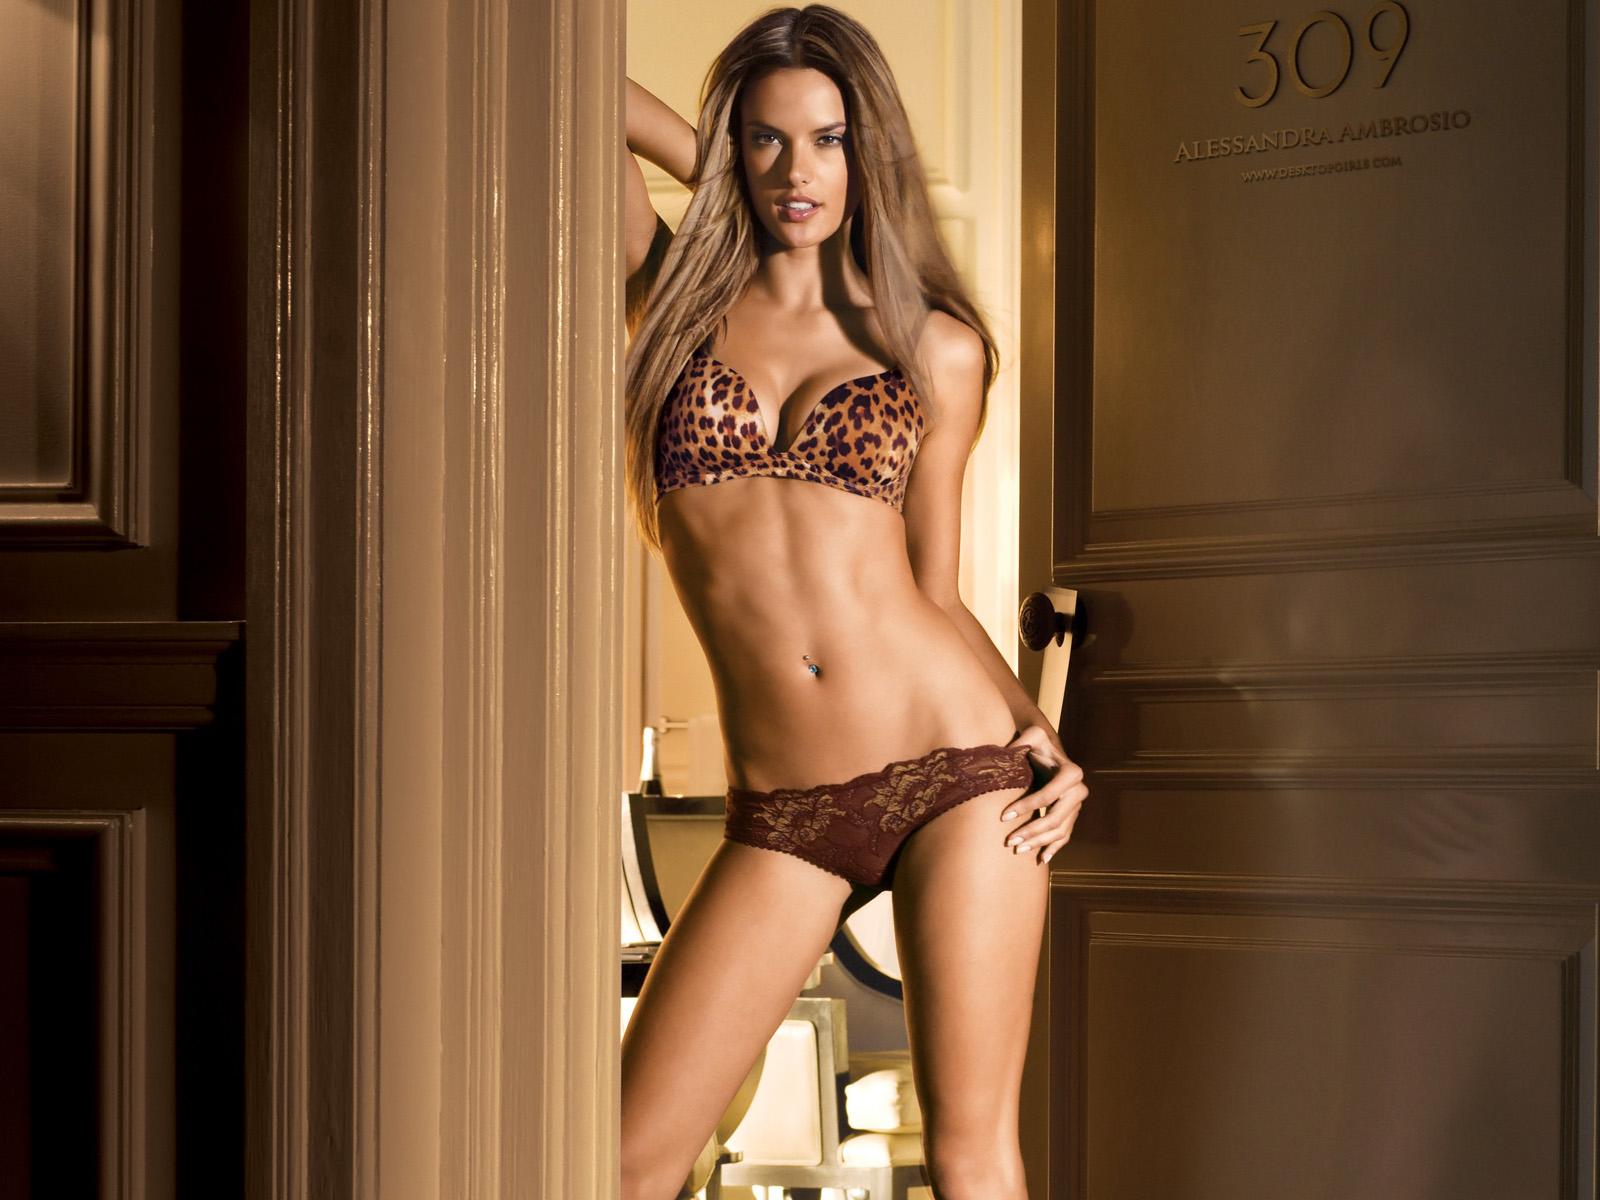 http://4.bp.blogspot.com/_MB7mMA64Mfk/S_J-_vYtLJI/AAAAAAAAADY/r8Ux9d38tJQ/s1600/Alessandra_Ambrosio_48200835826PM976.jpg